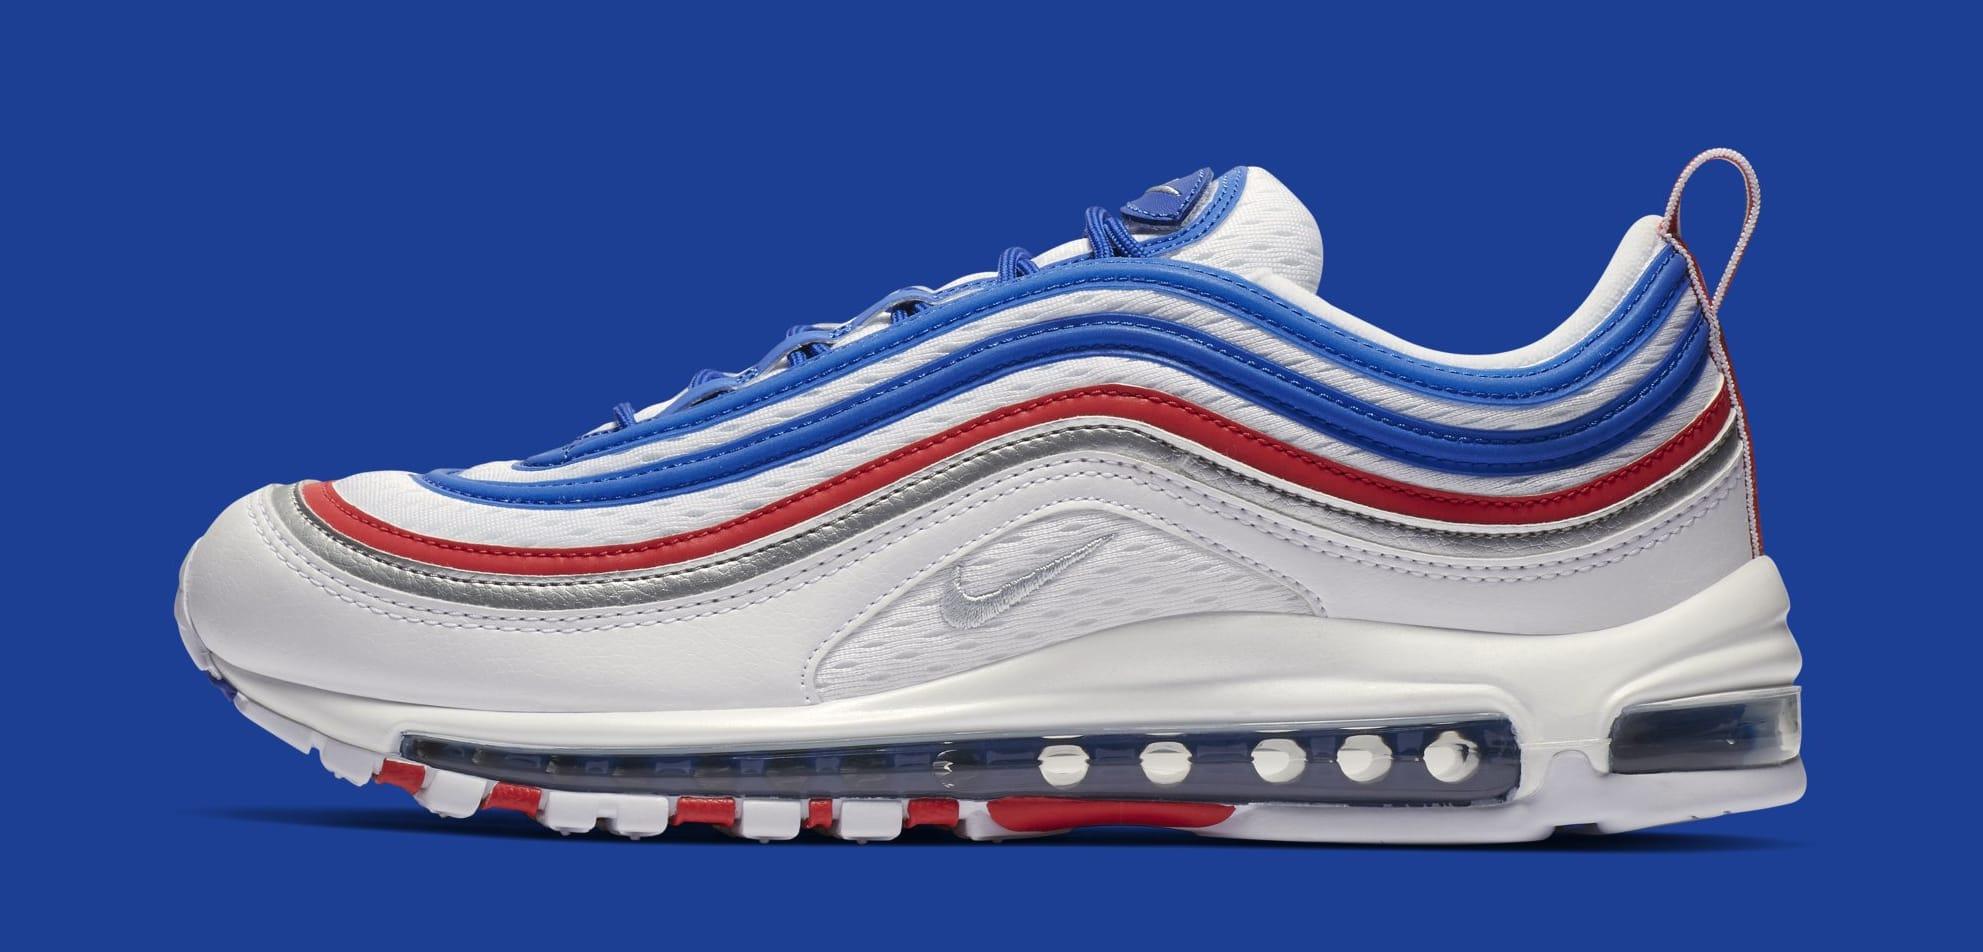 Nike Air Max 97 'Game RoyalMetallic Silver White' 921826